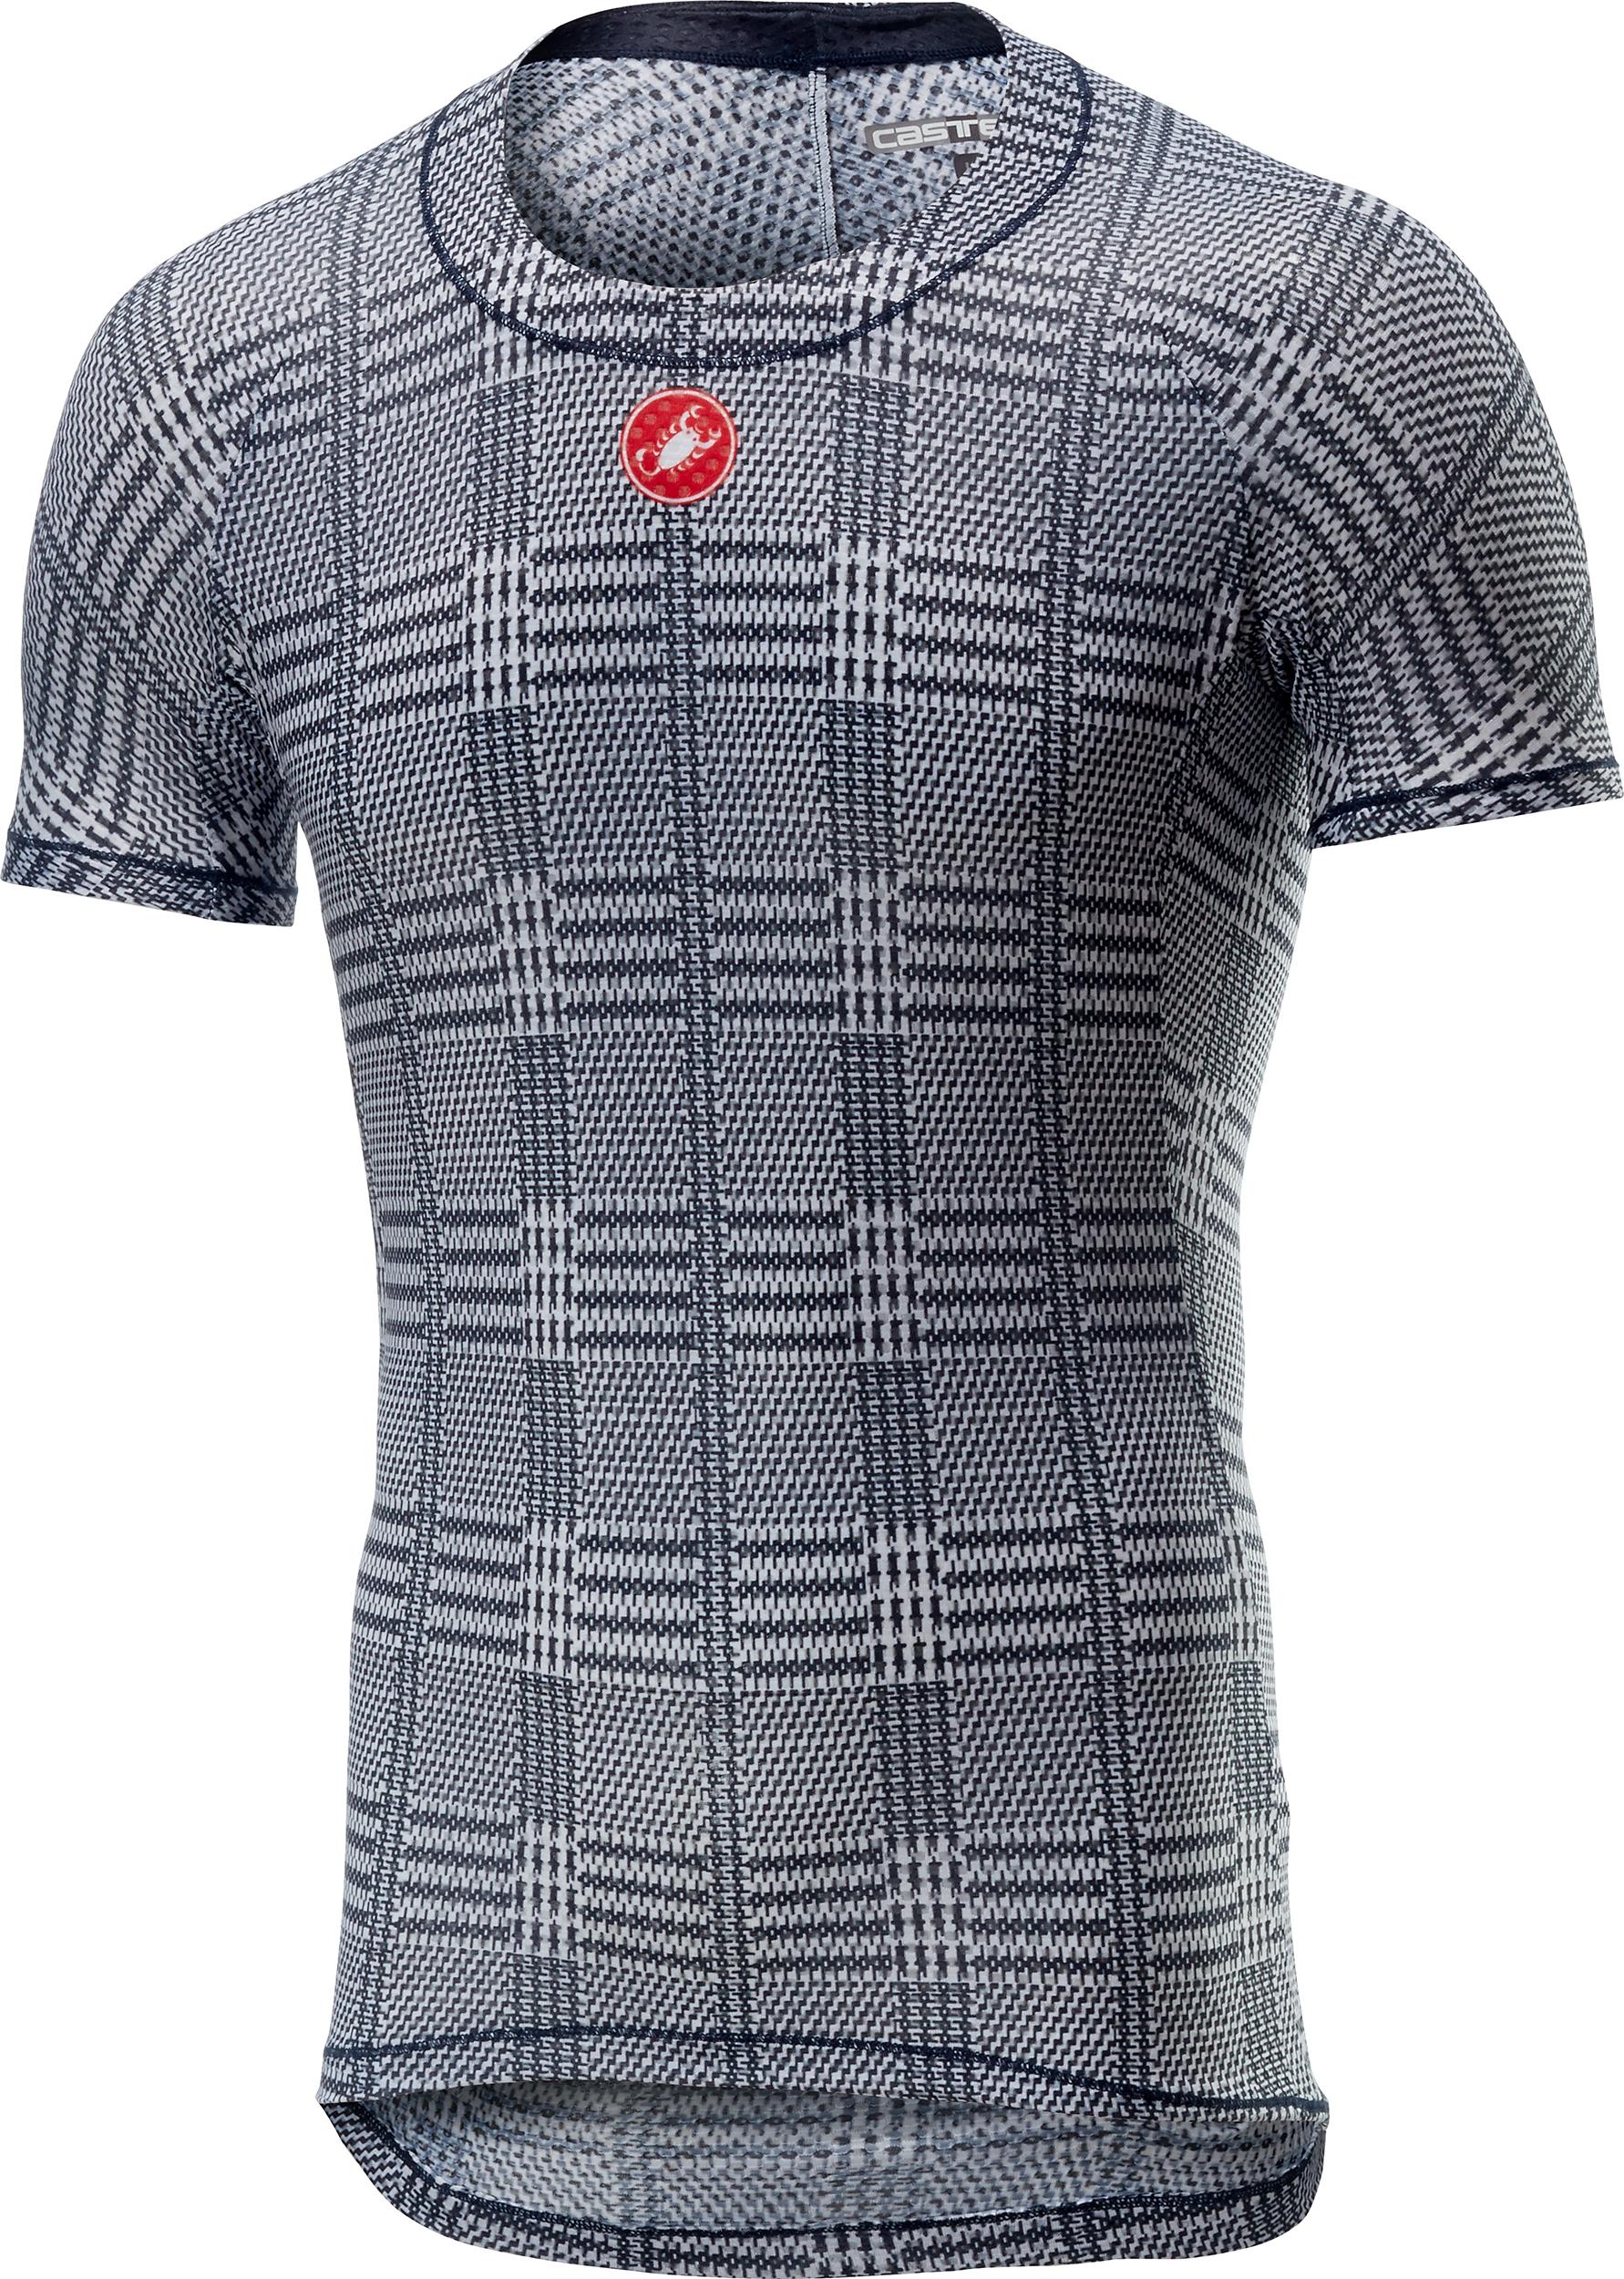 af81c34d0401f9 Castelli Pro Mesh Short Sleeve - Men s